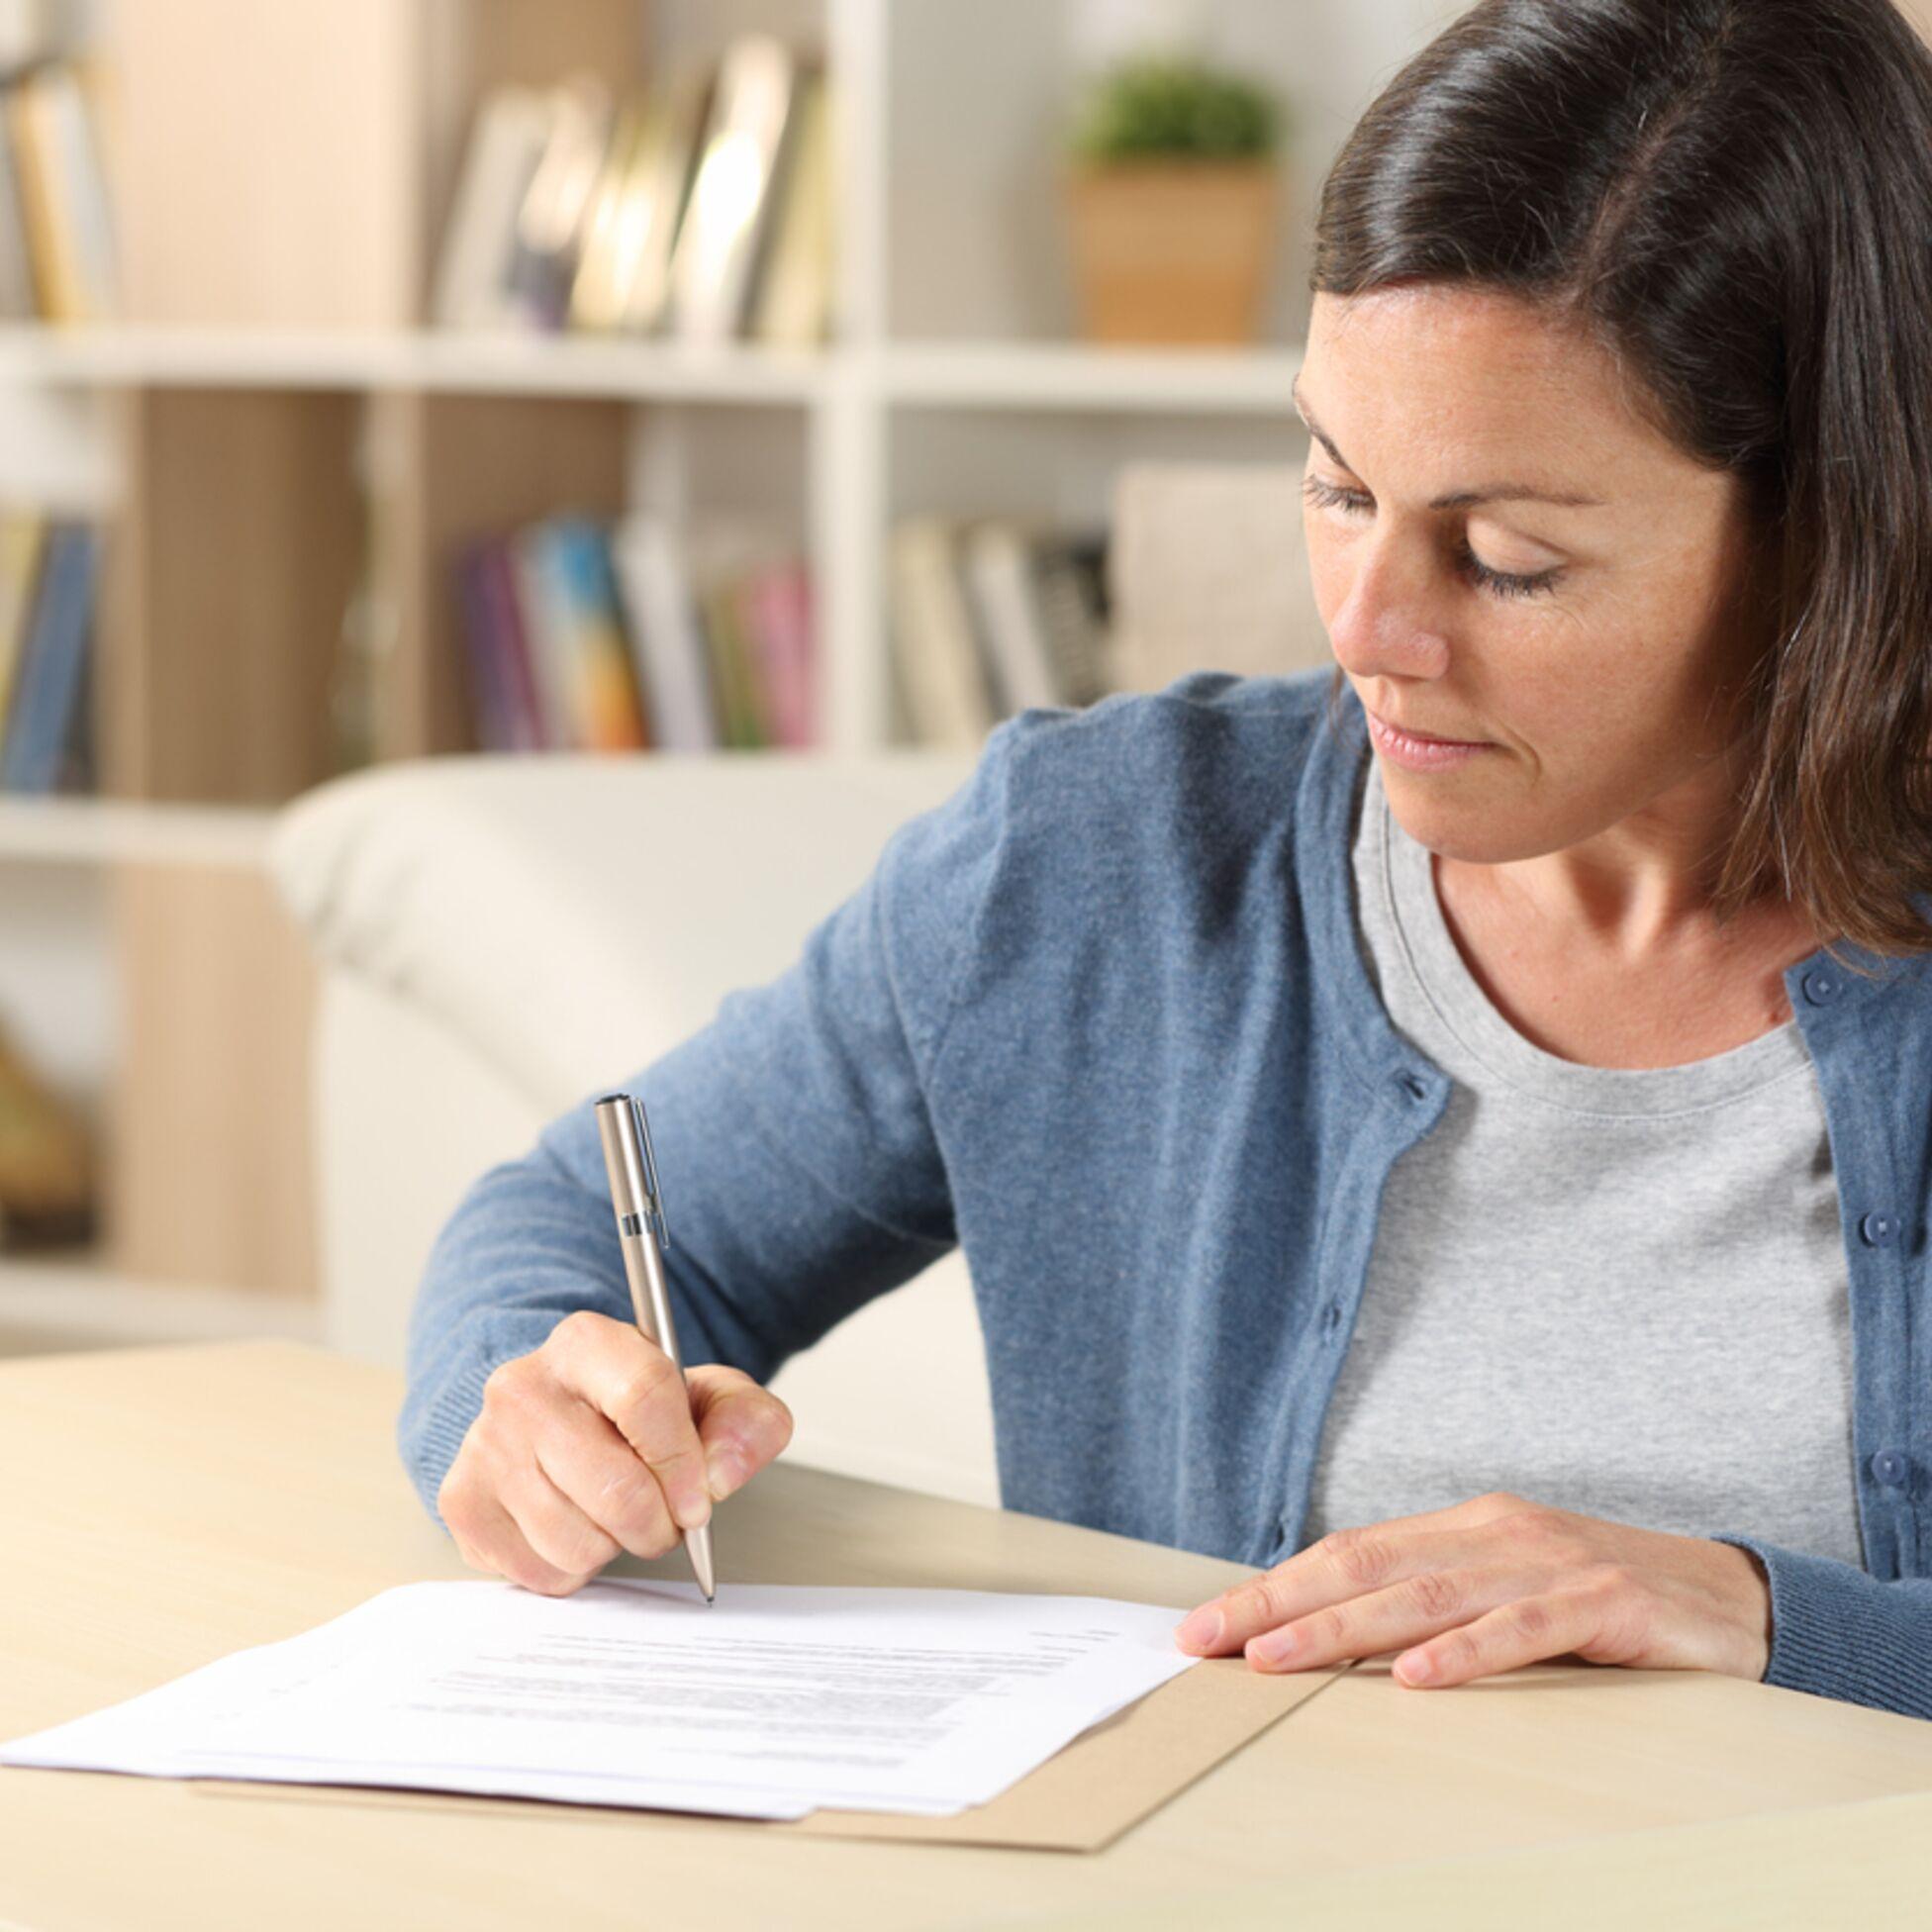 Frau schreibt am Tisch